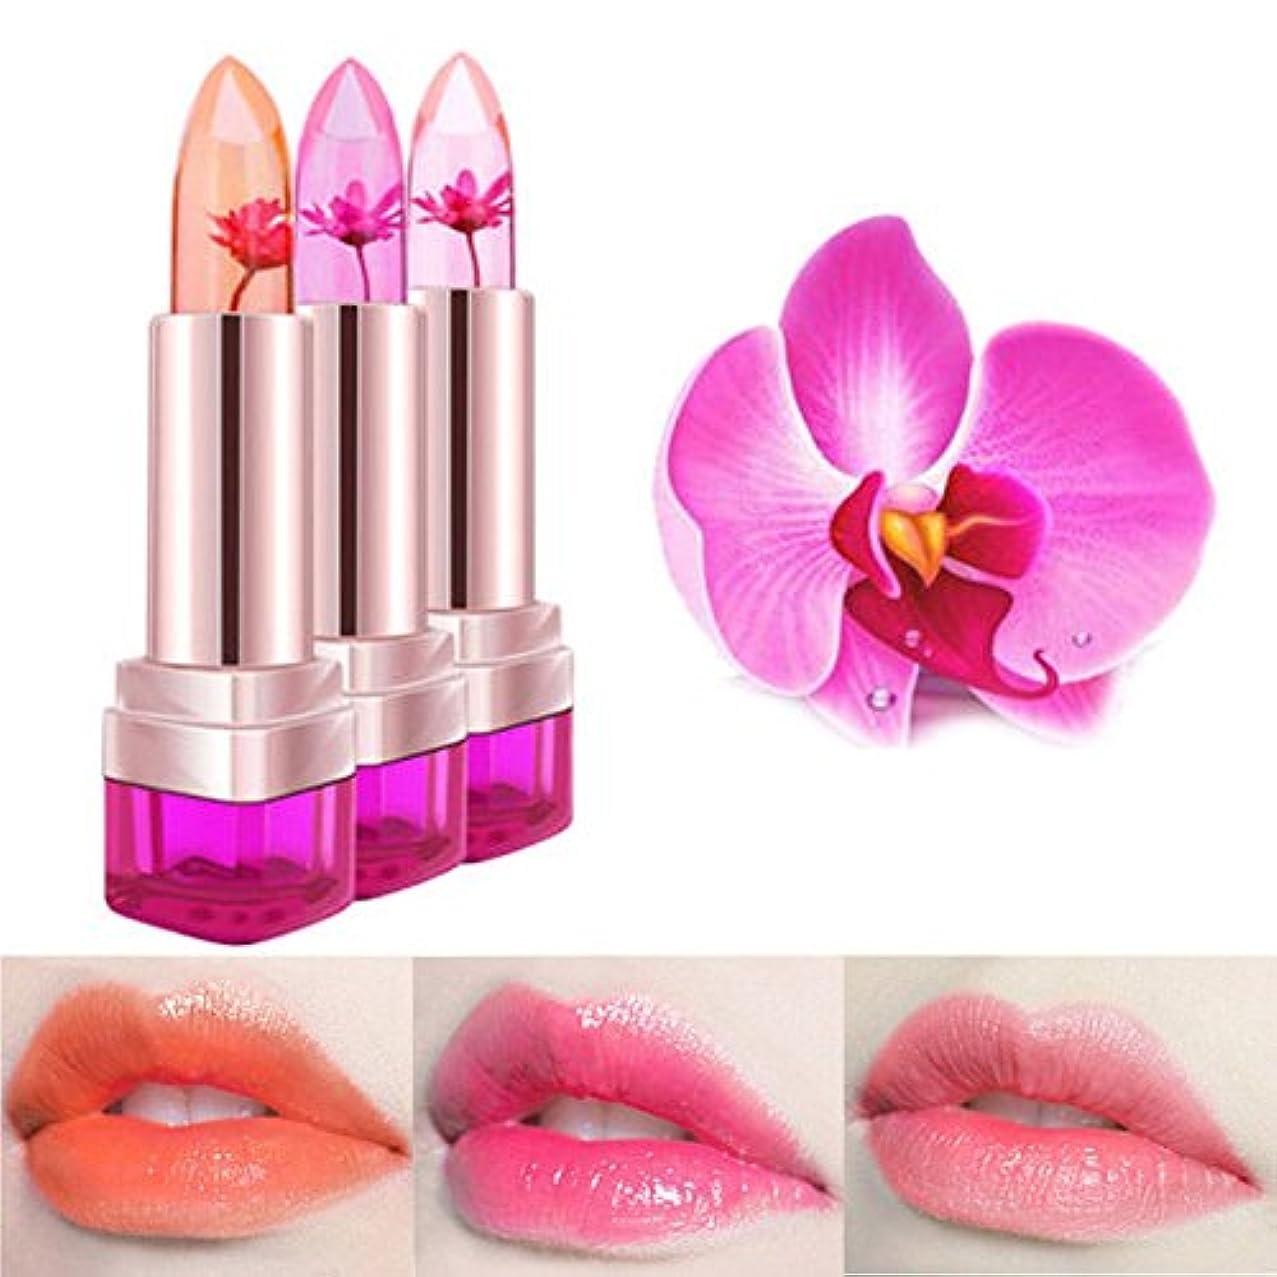 弁護士本質的ではない森Toygogo 長続きがする唇の光沢の美を変える3pc魔法のゼリーの花の口紅色 - 04, ワンサイズ